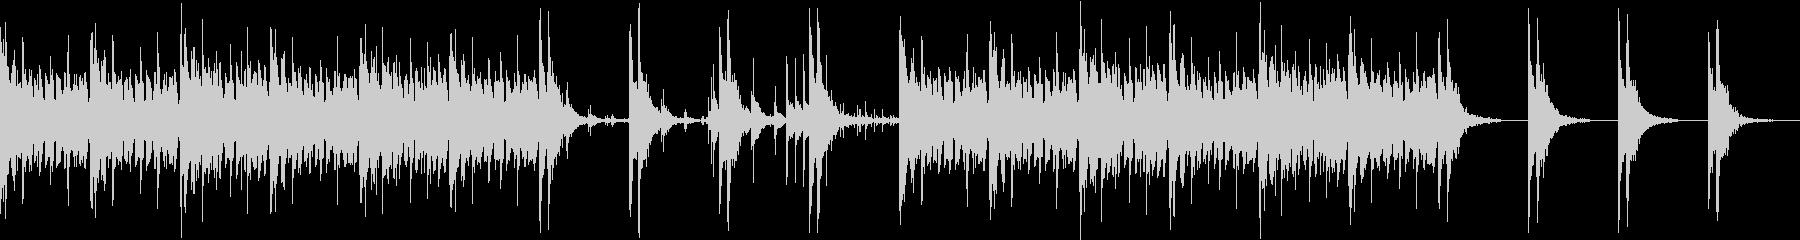 三味線のロック ミドルテンポの未再生の波形